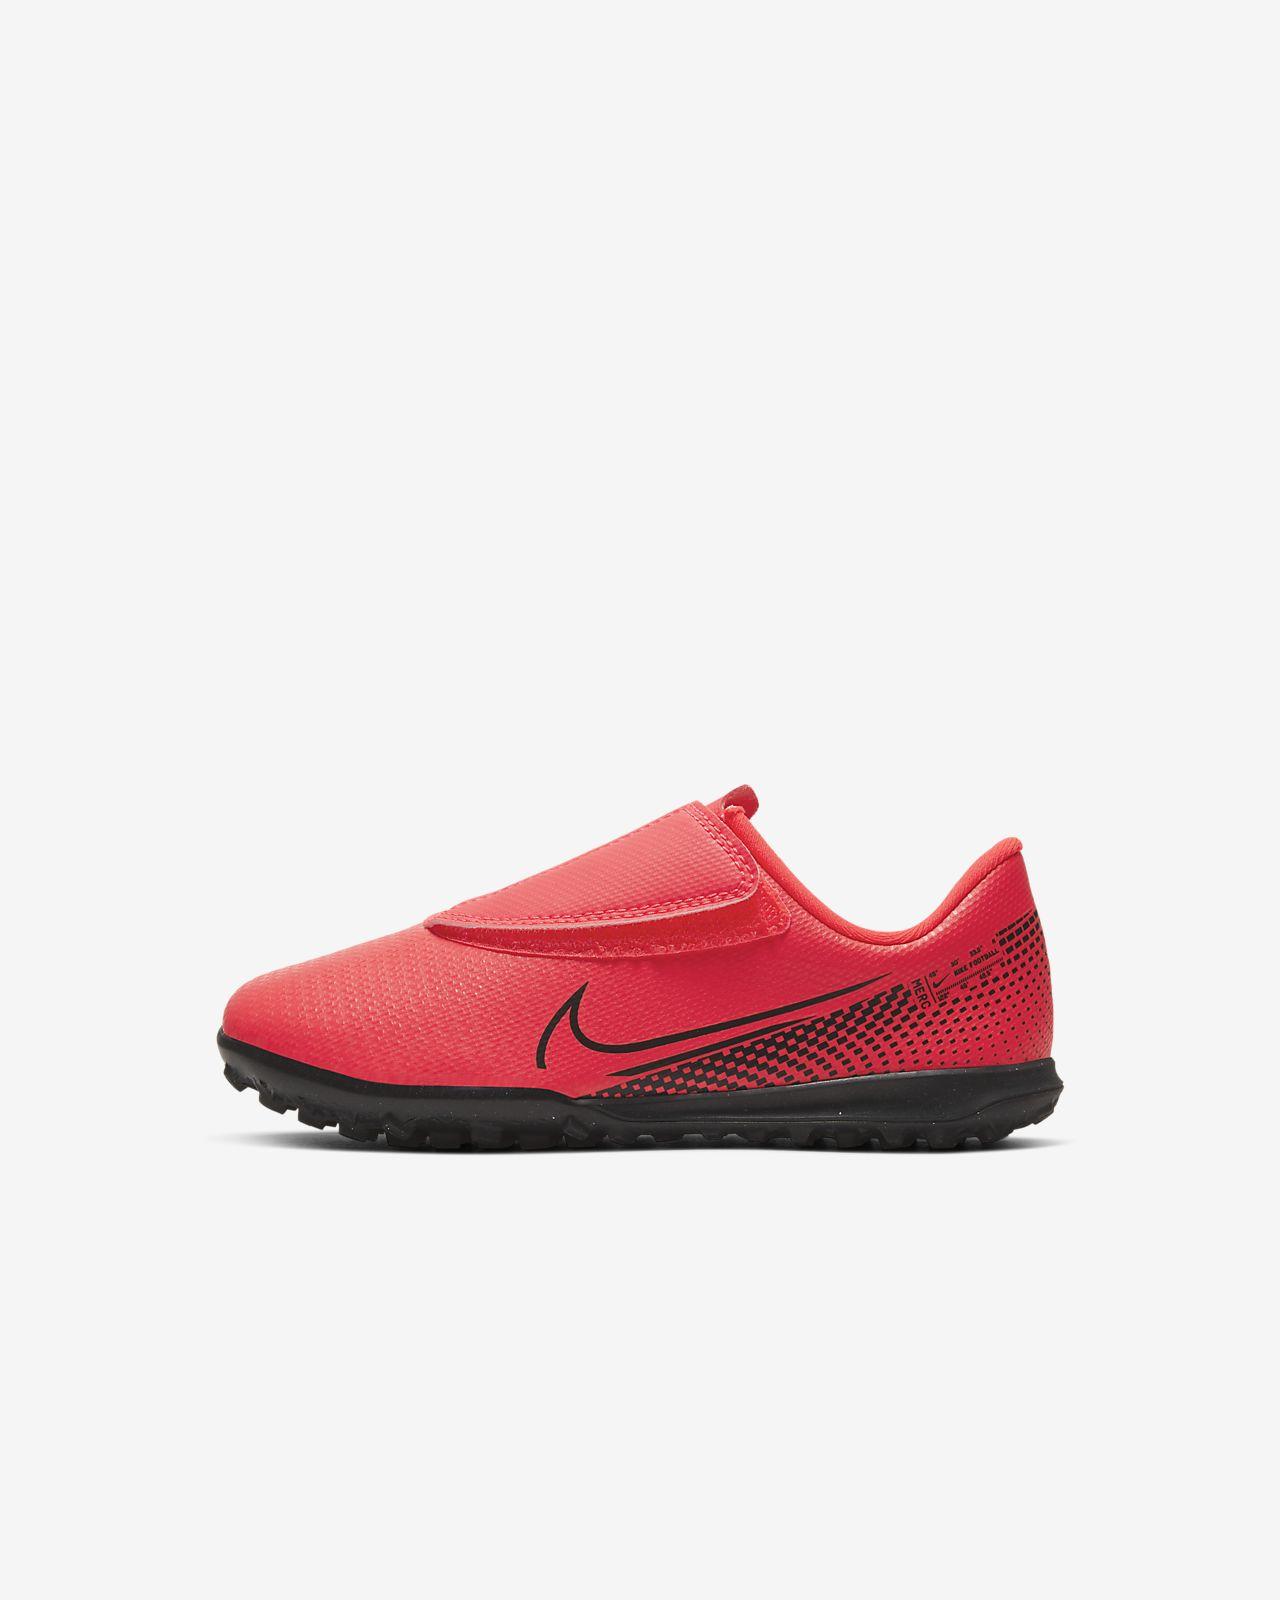 Nike Jr. Mercurial Vapor 13 Club TF Fußballschuh für Kunstrasen für Kleinkinder/jüngere Kinder